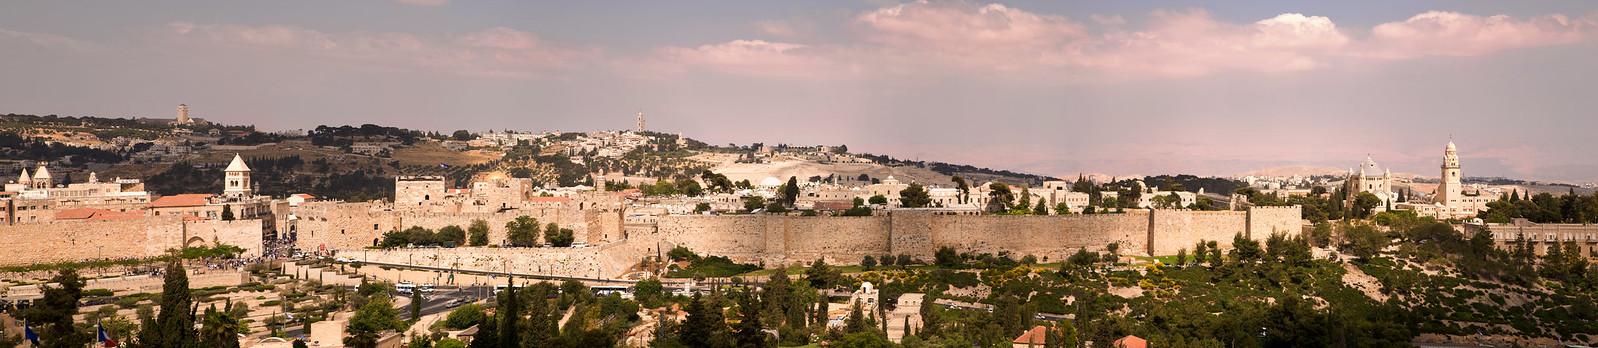 Panorama2_Jerusalem, panoramic view_Noam Chen_IMOT